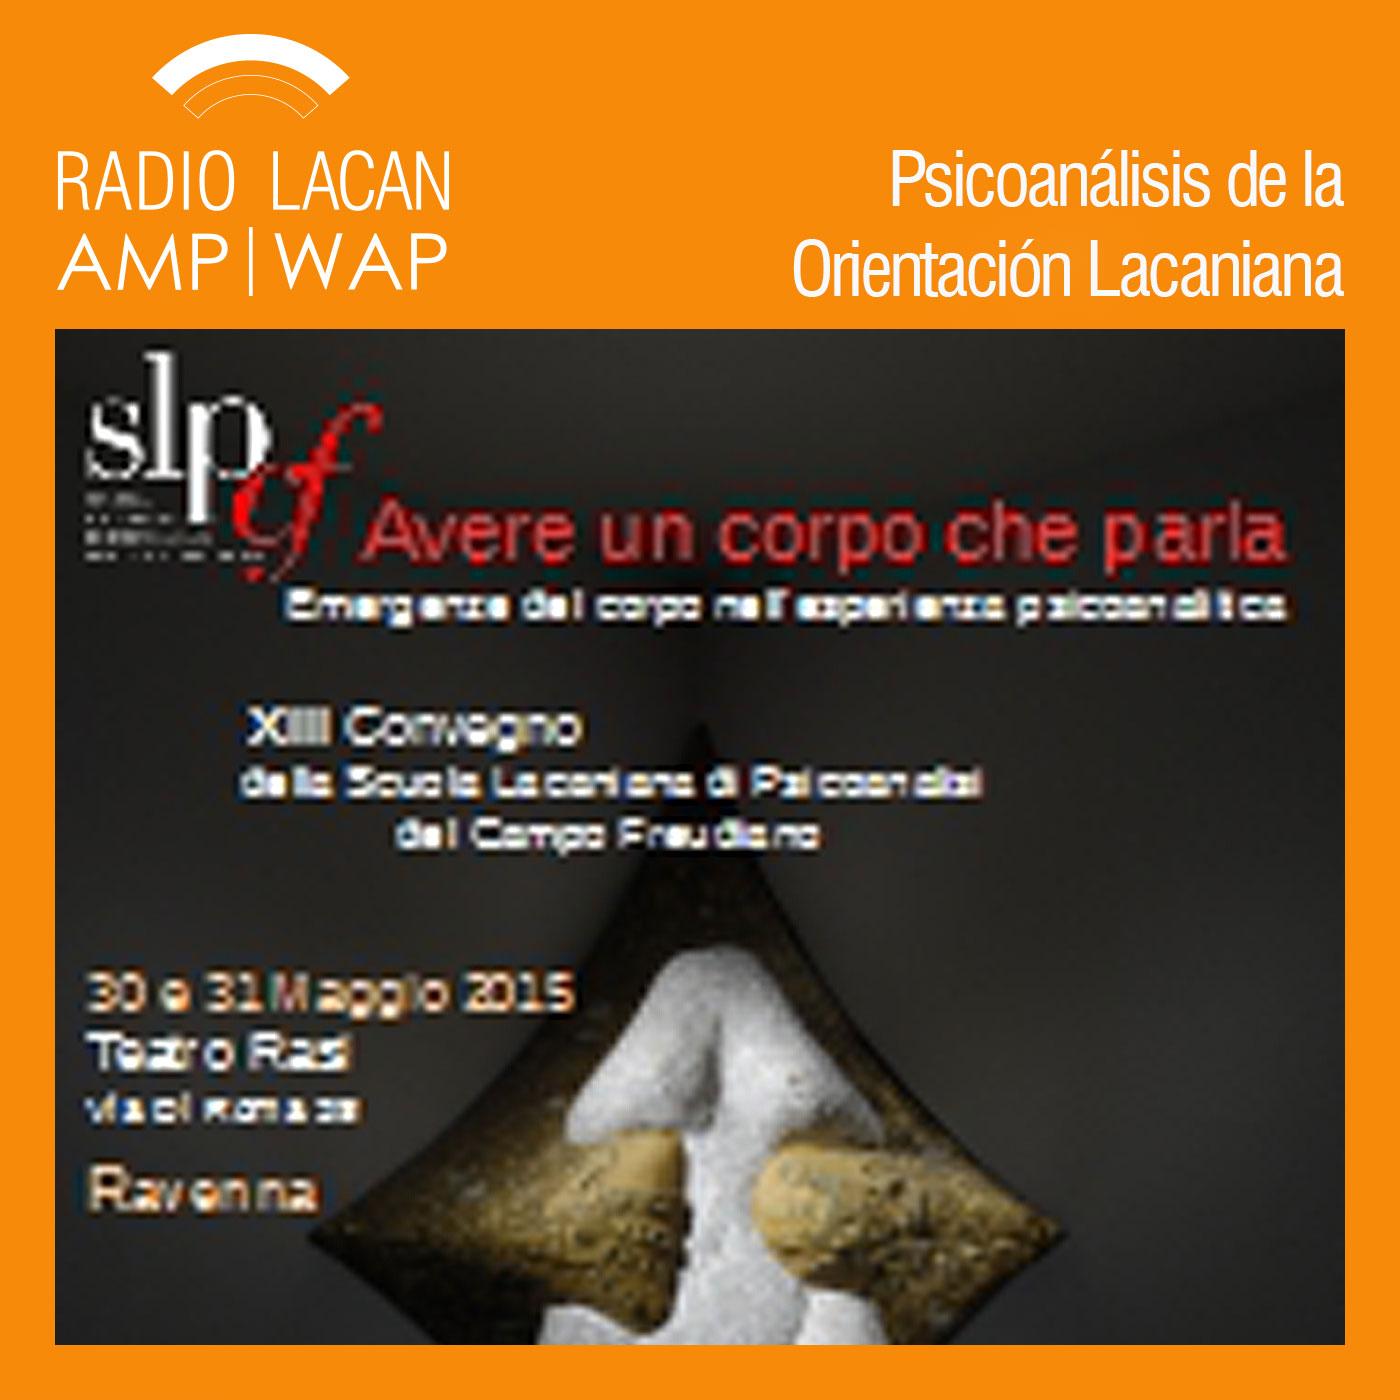 RadioLacan.com | <![CDATA[Momentos del XIIIº Congreso de la SLP en Ravenna]]>